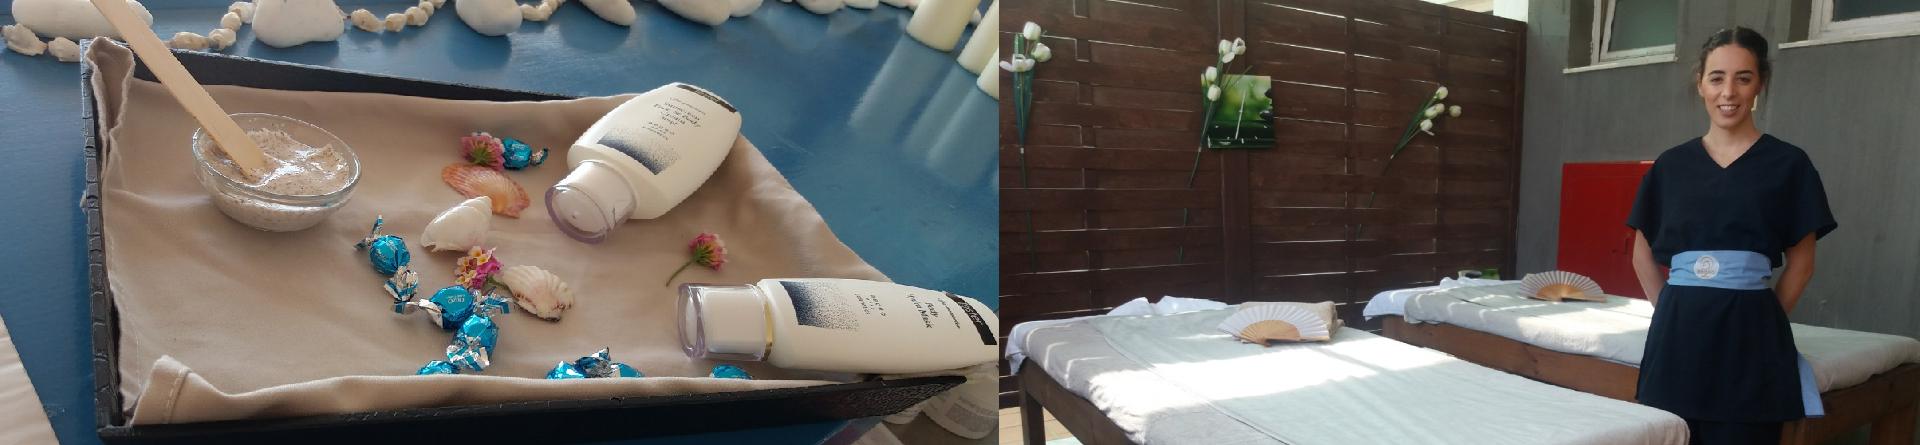 Πρακτική άσκηση απόφοιτης Πτυχίου Αισθητικής σε SPA ξενοδοχείου στην Κρήτη